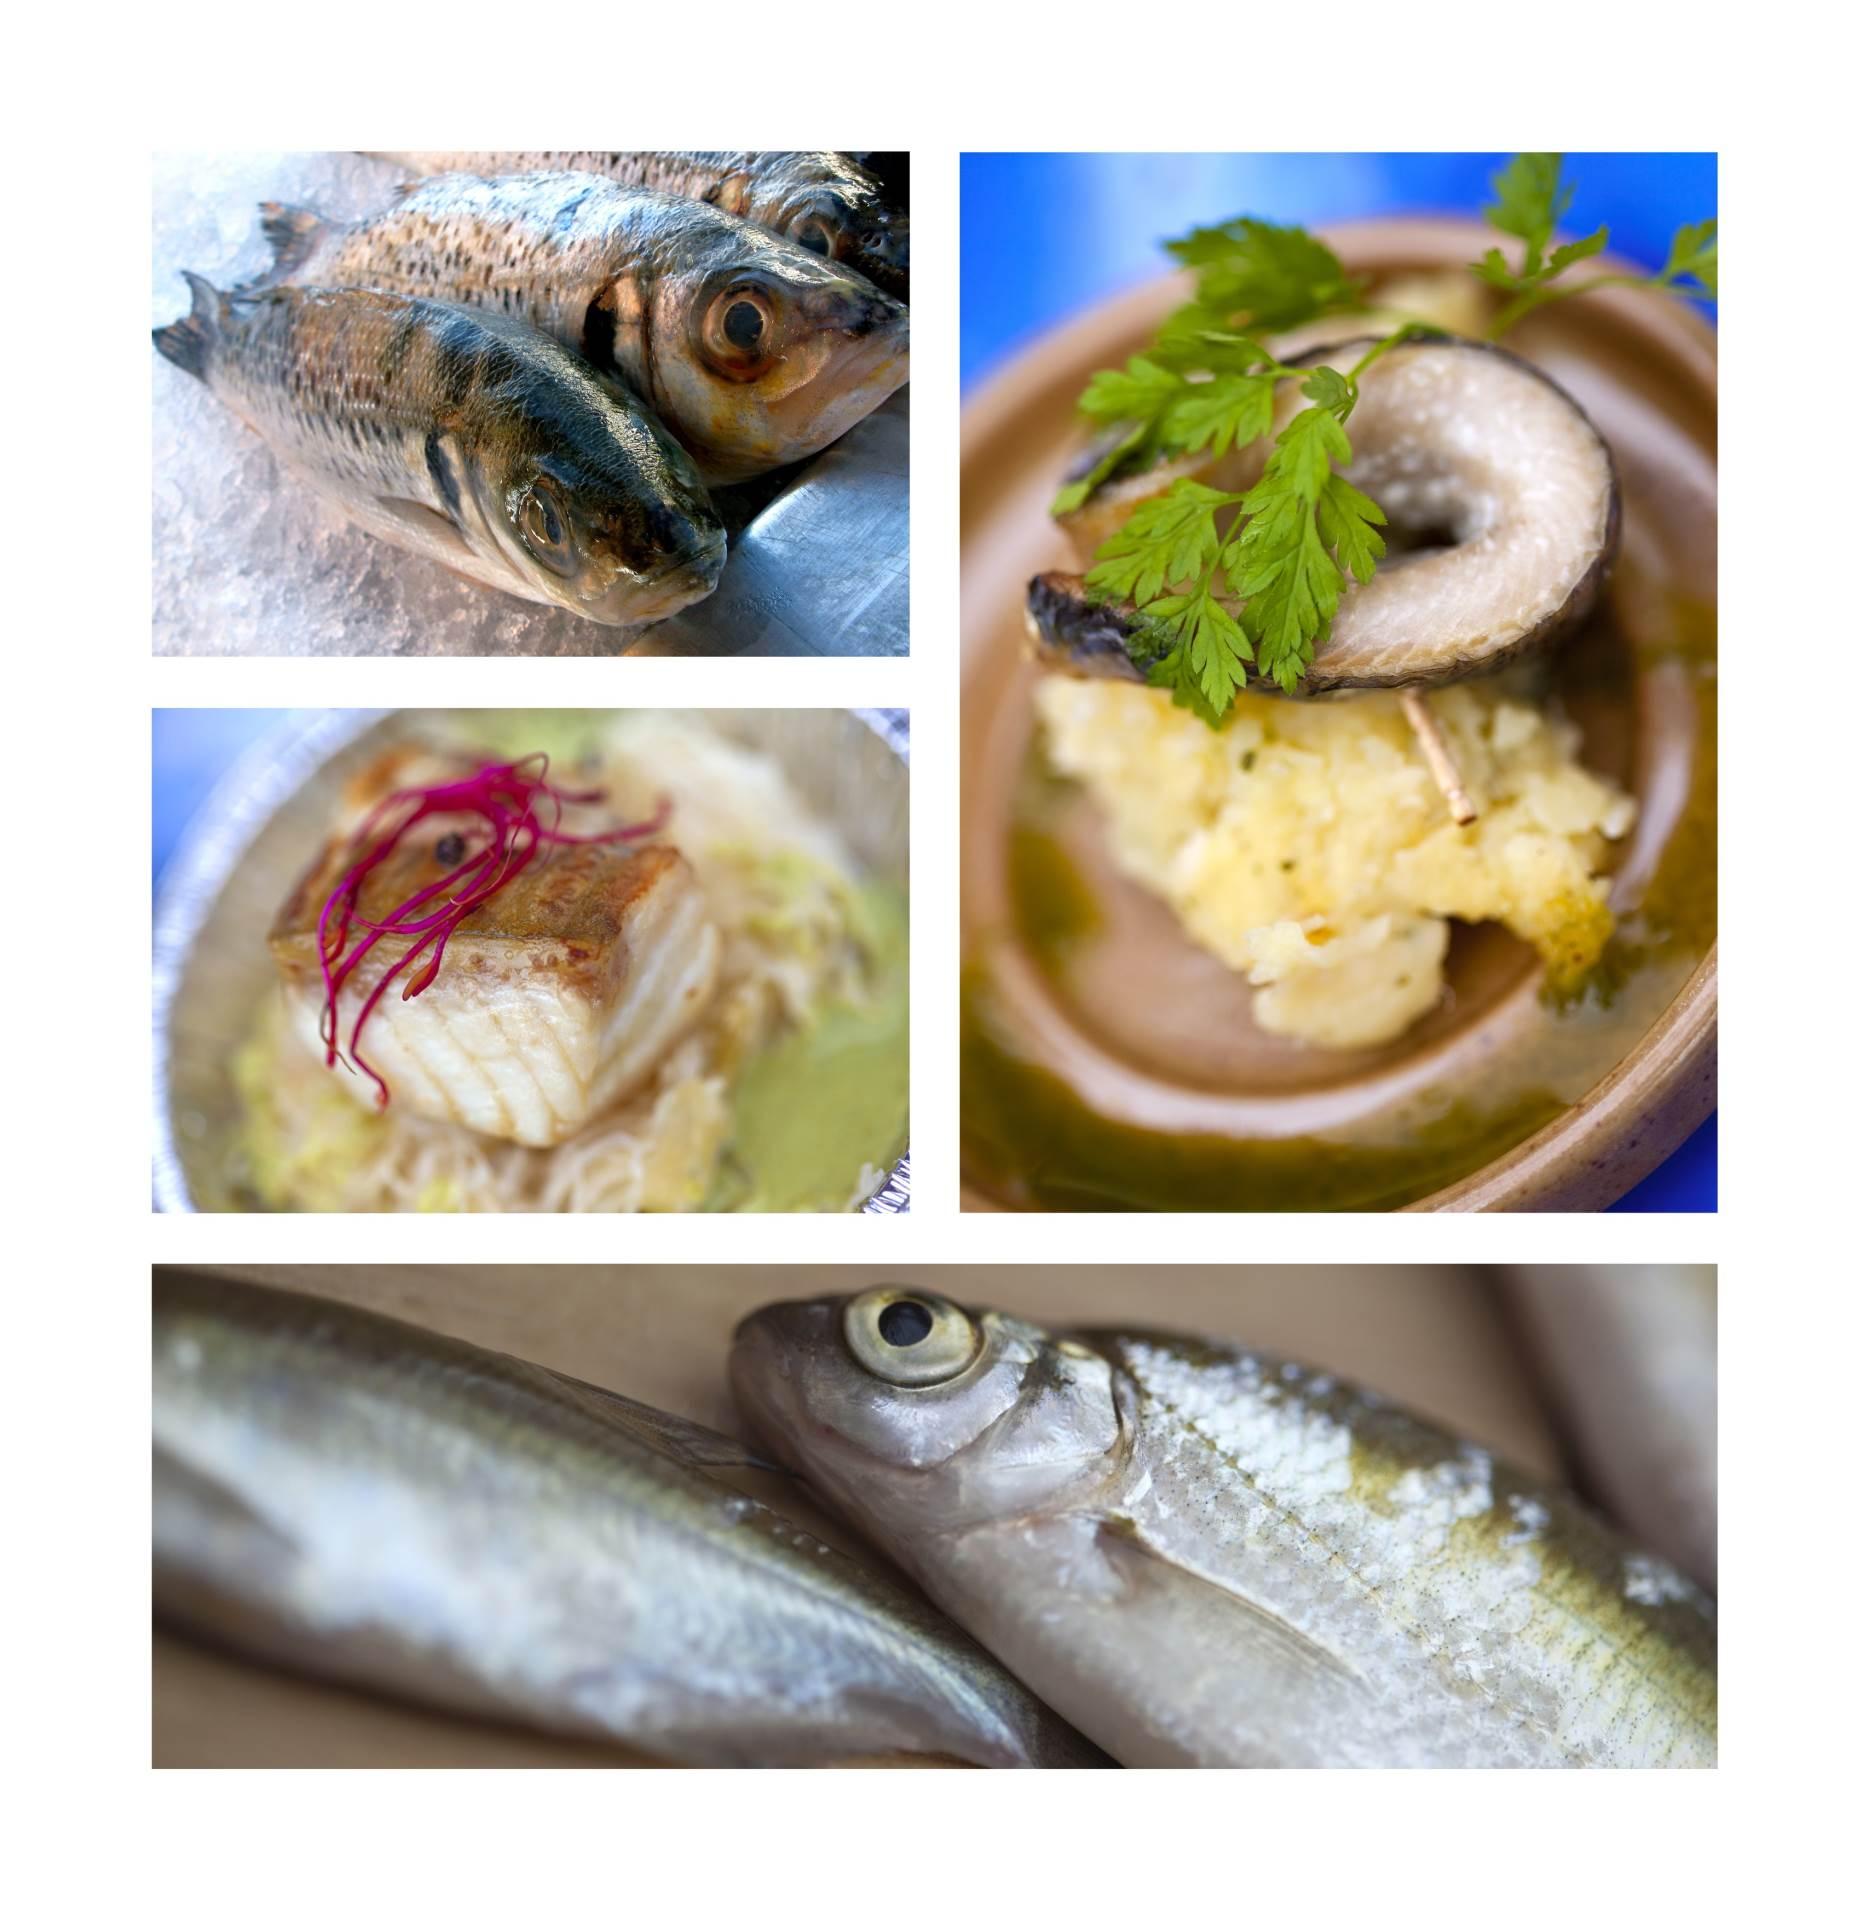 Riba je višestruko korisna za organizam